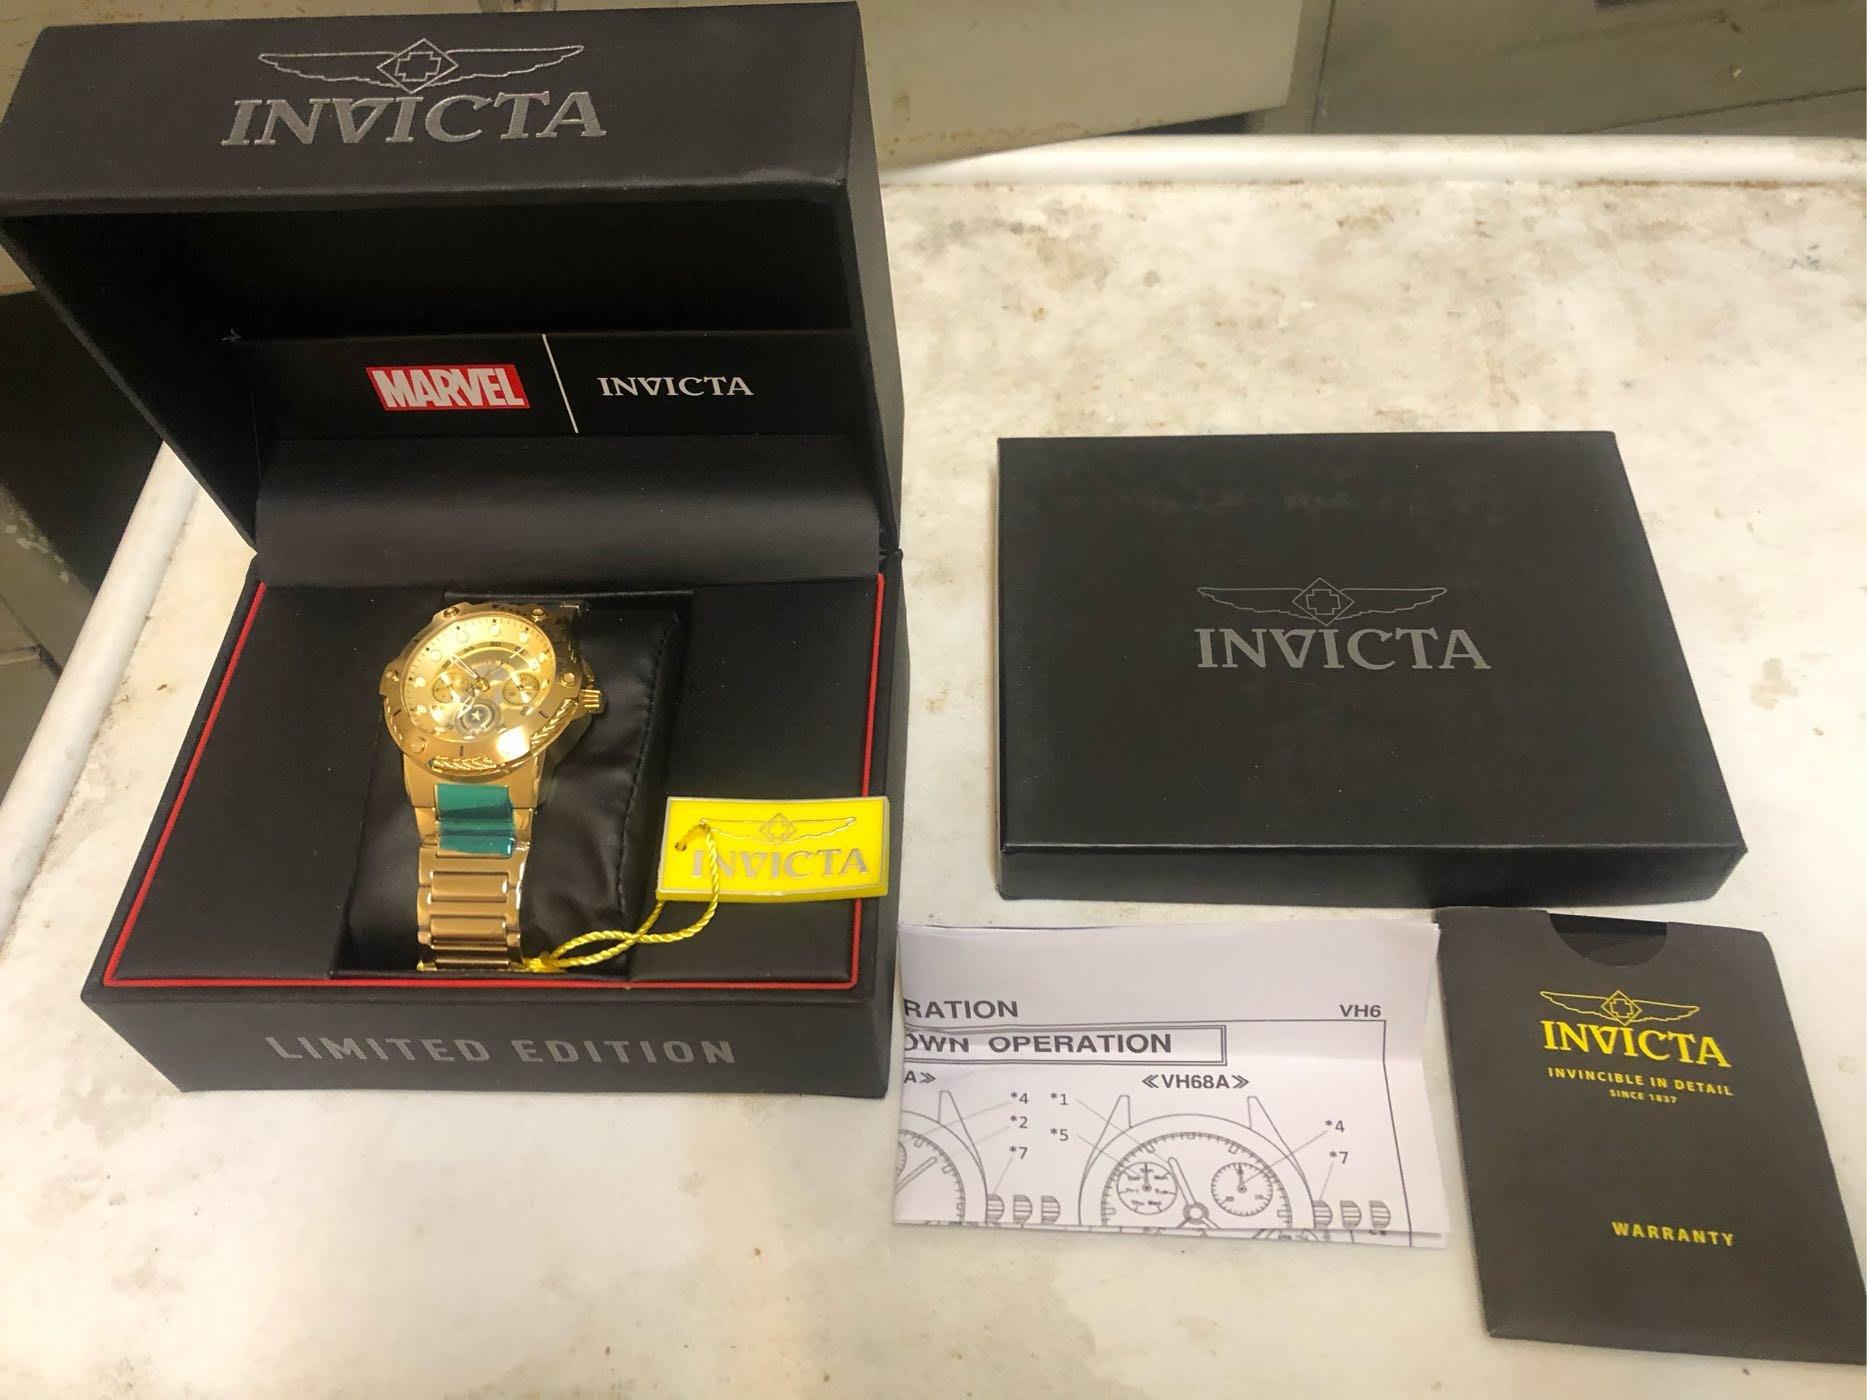 英威塔限量4000支金色鋼索手錶(買就送晨曦可樂水鬼錶)